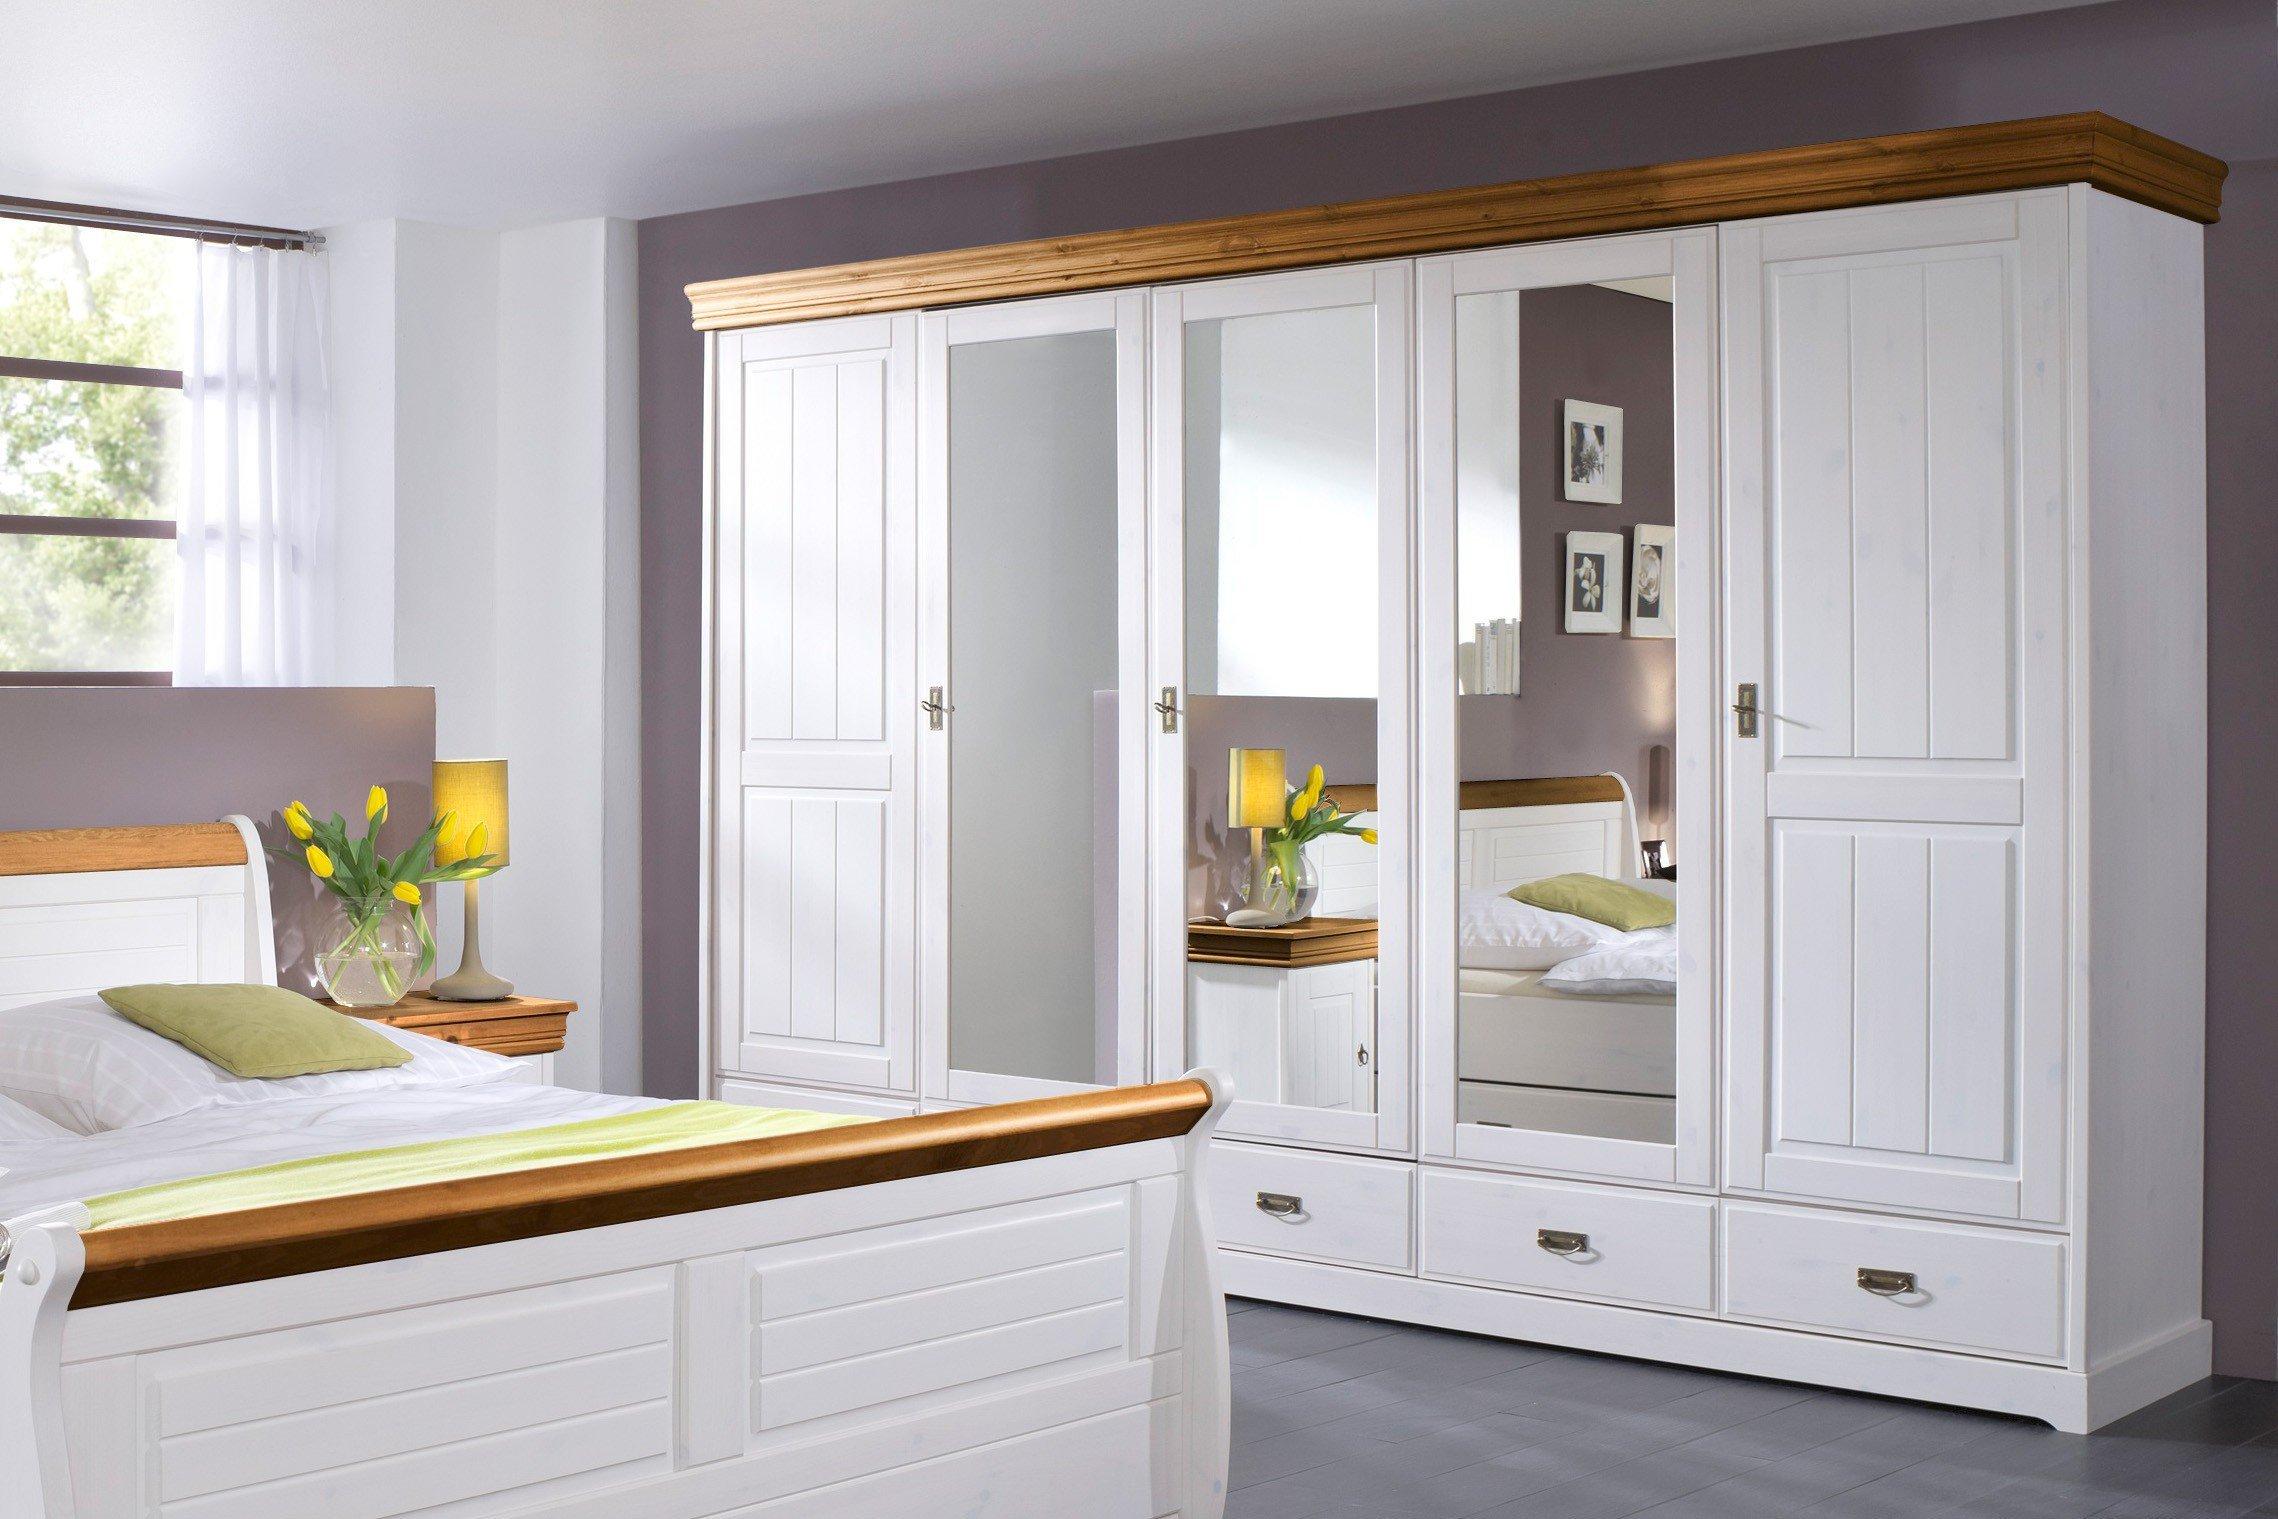 gk m belvertrieb roma kleiderschrank landhausstil m bel letz ihr online shop. Black Bedroom Furniture Sets. Home Design Ideas